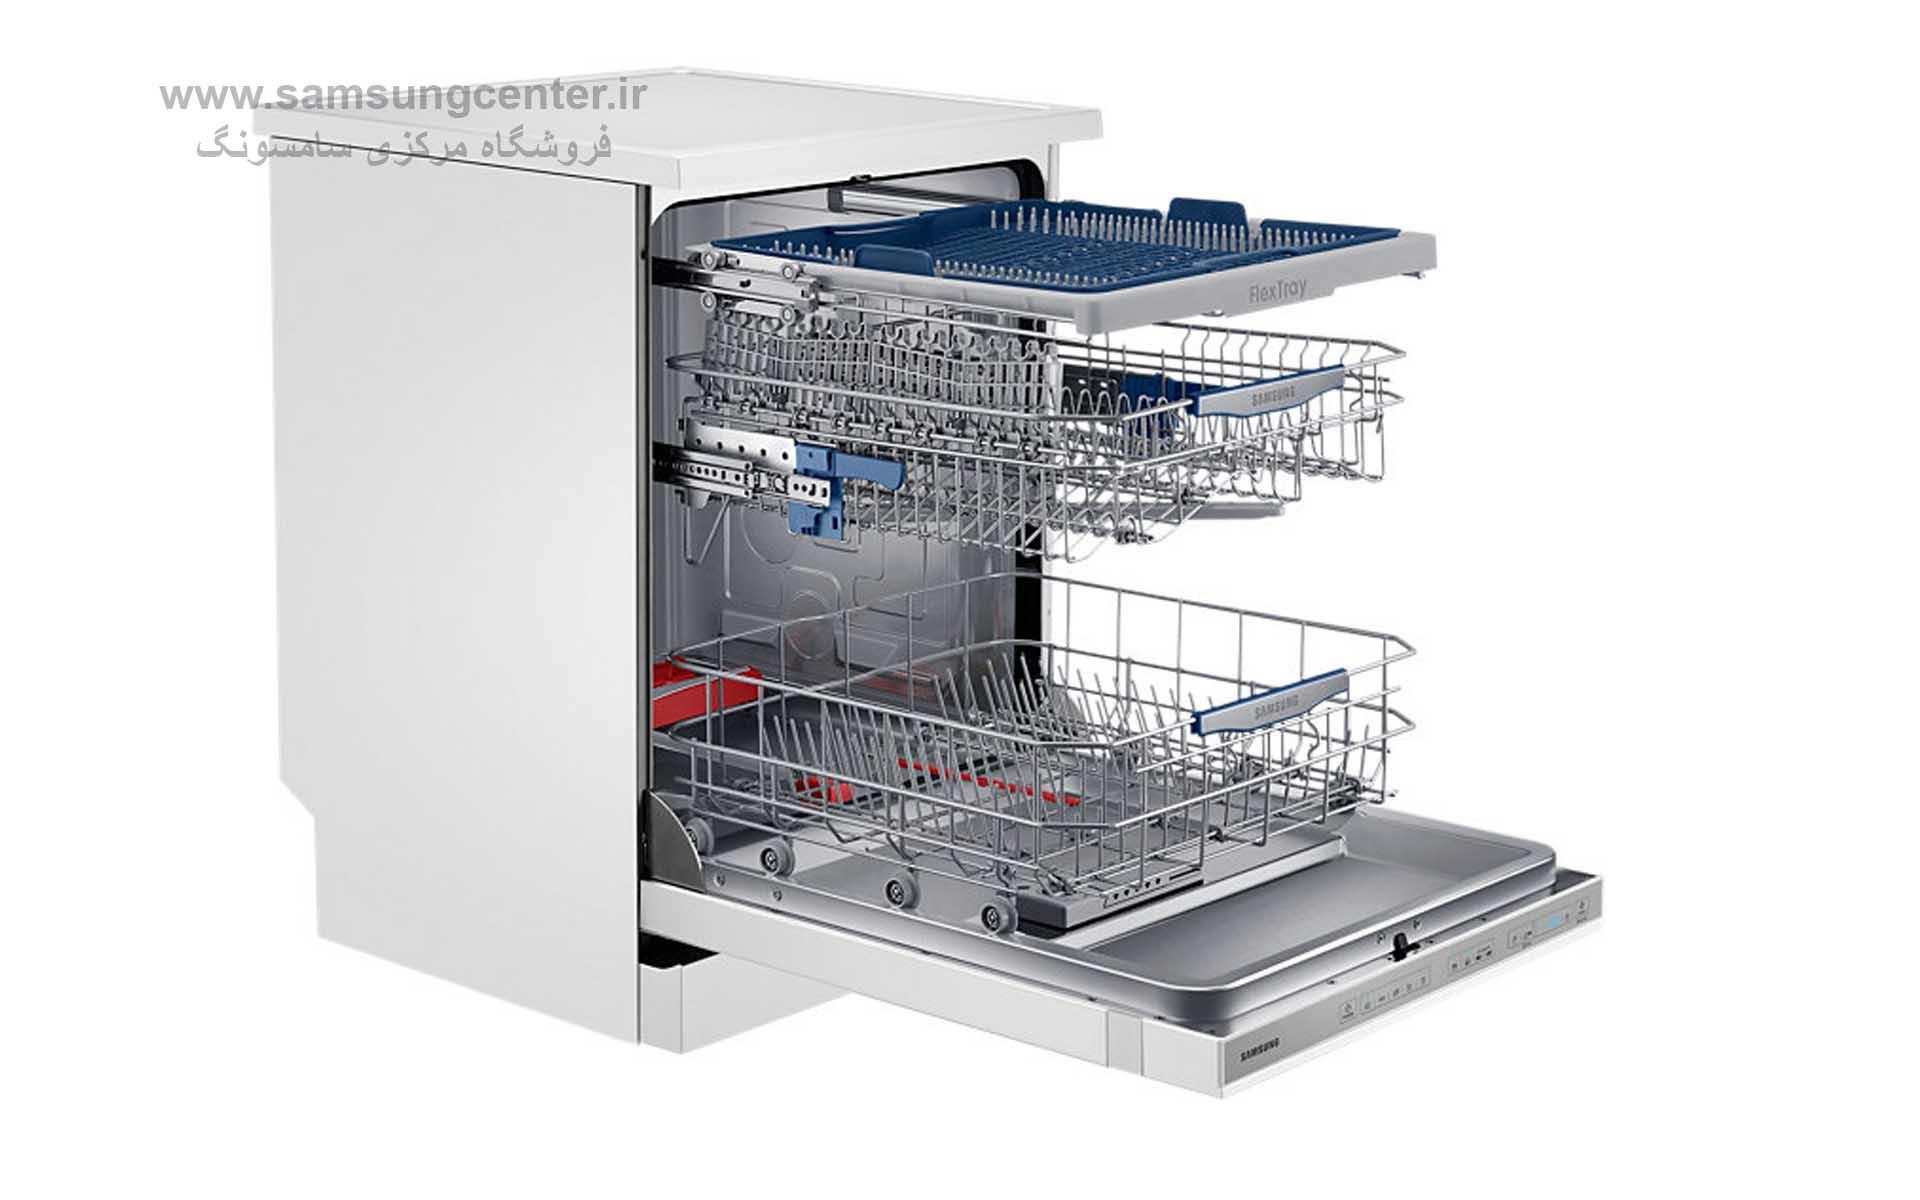 دانلود دفترچه راهنمای ماشین ظرفشویی سامسونگ